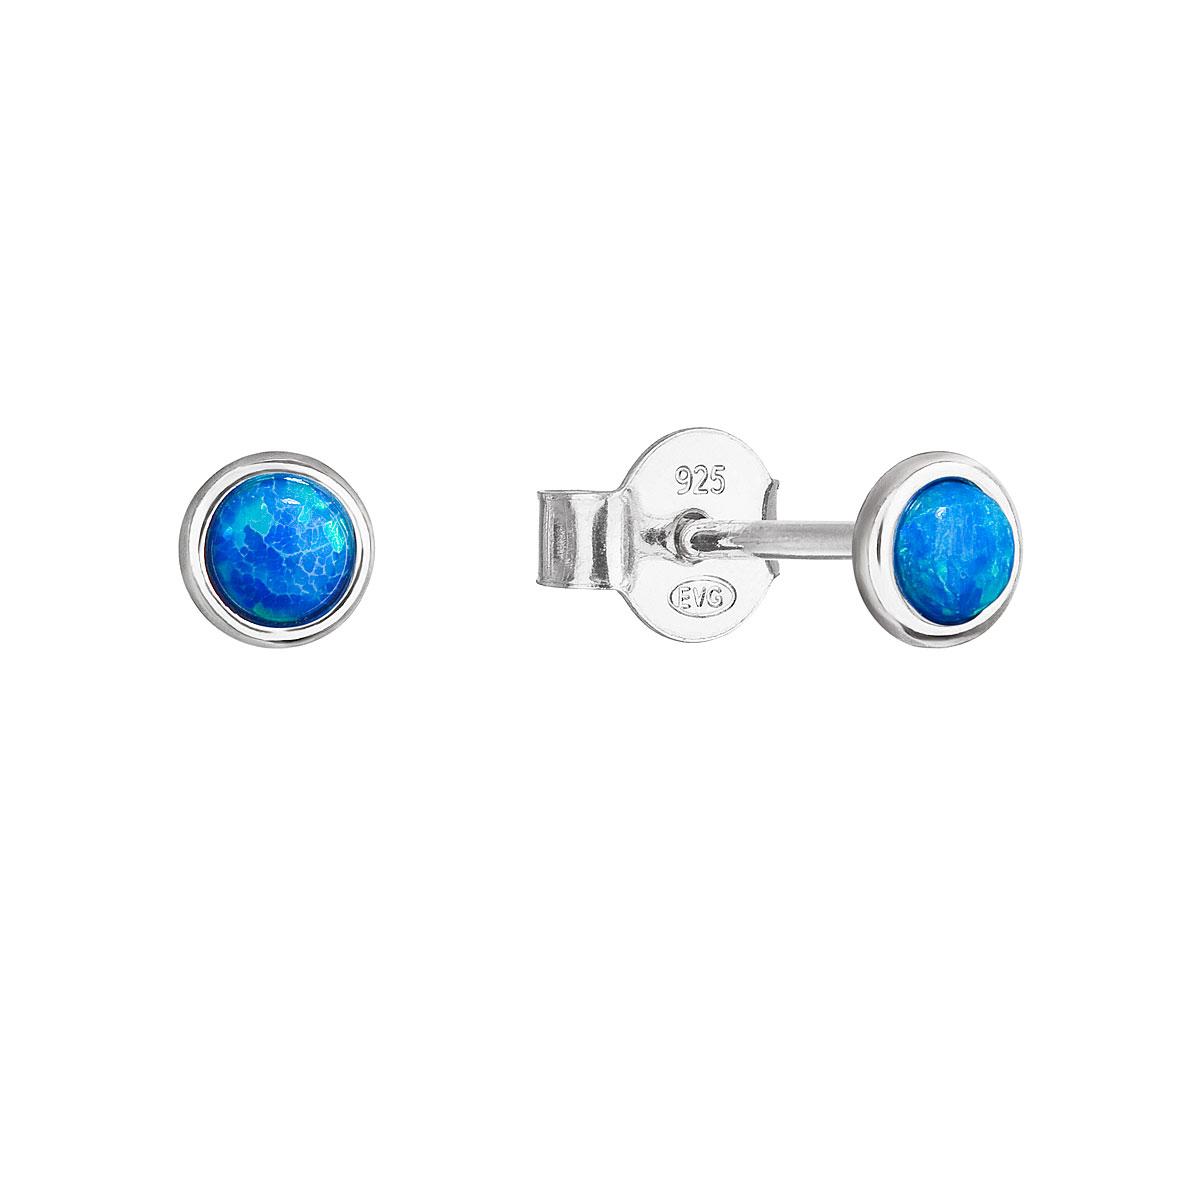 Strieborné náušnice perličky so syntetickým opálom modré okrúhle 11338.3